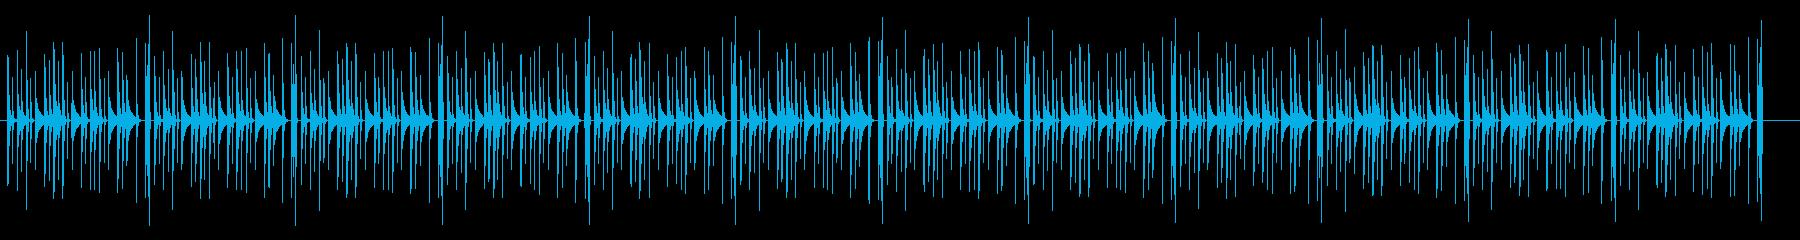 おどけたコケティッシュなBGMの再生済みの波形